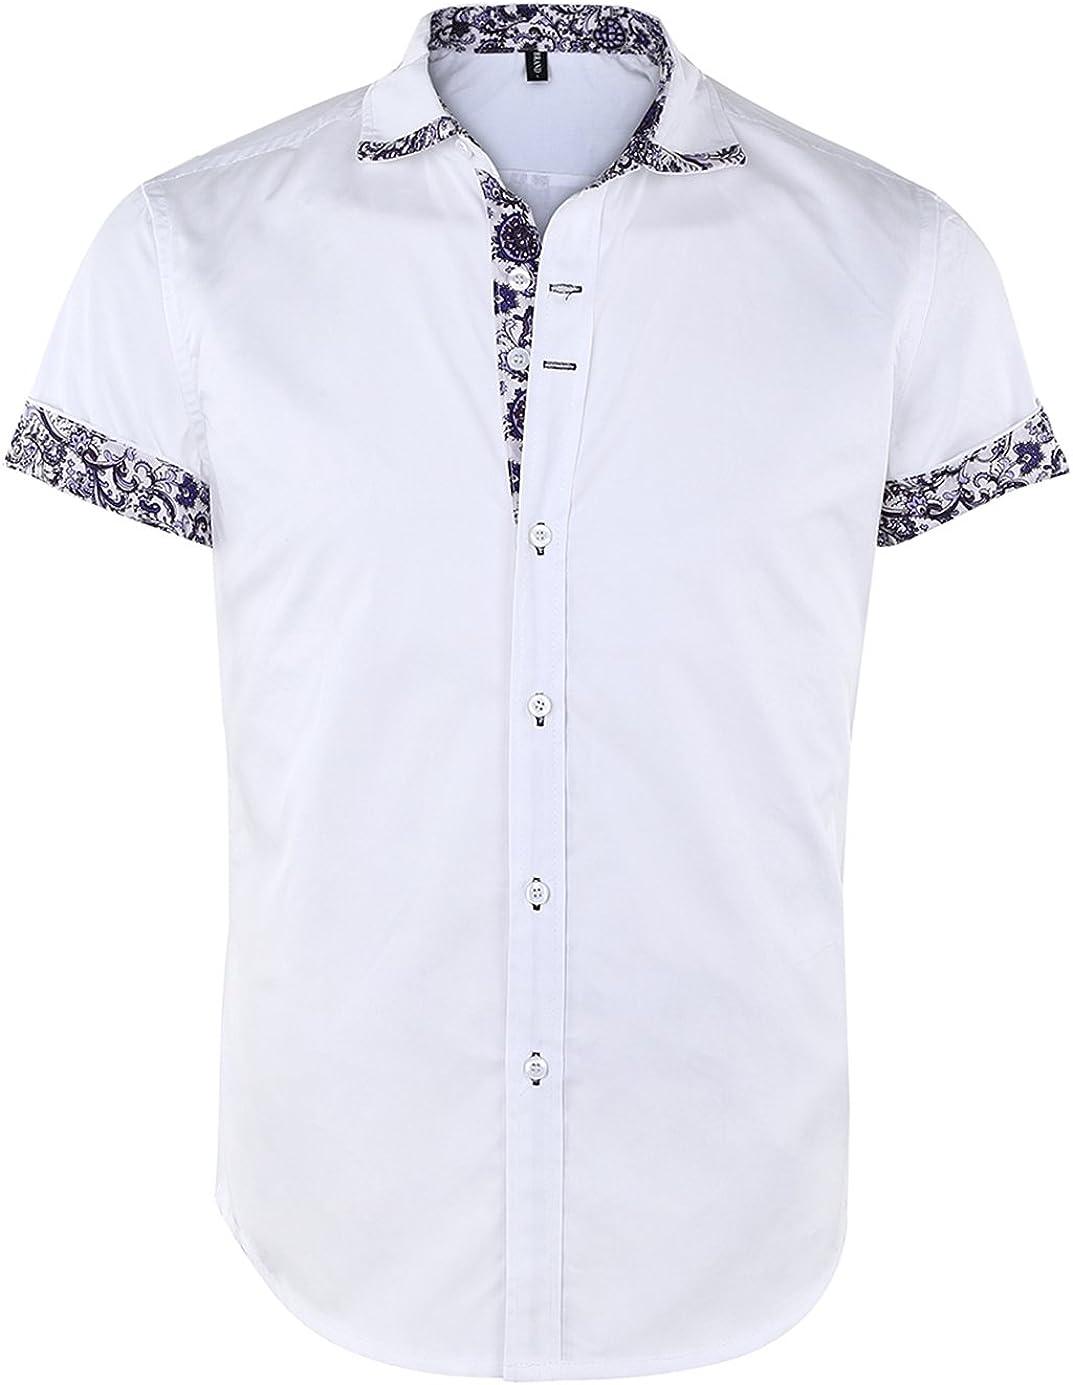 Jandukar Short Sleeve OFFicial store Dress Shirts for Ranking TOP10 Up Shi Collard Button Men